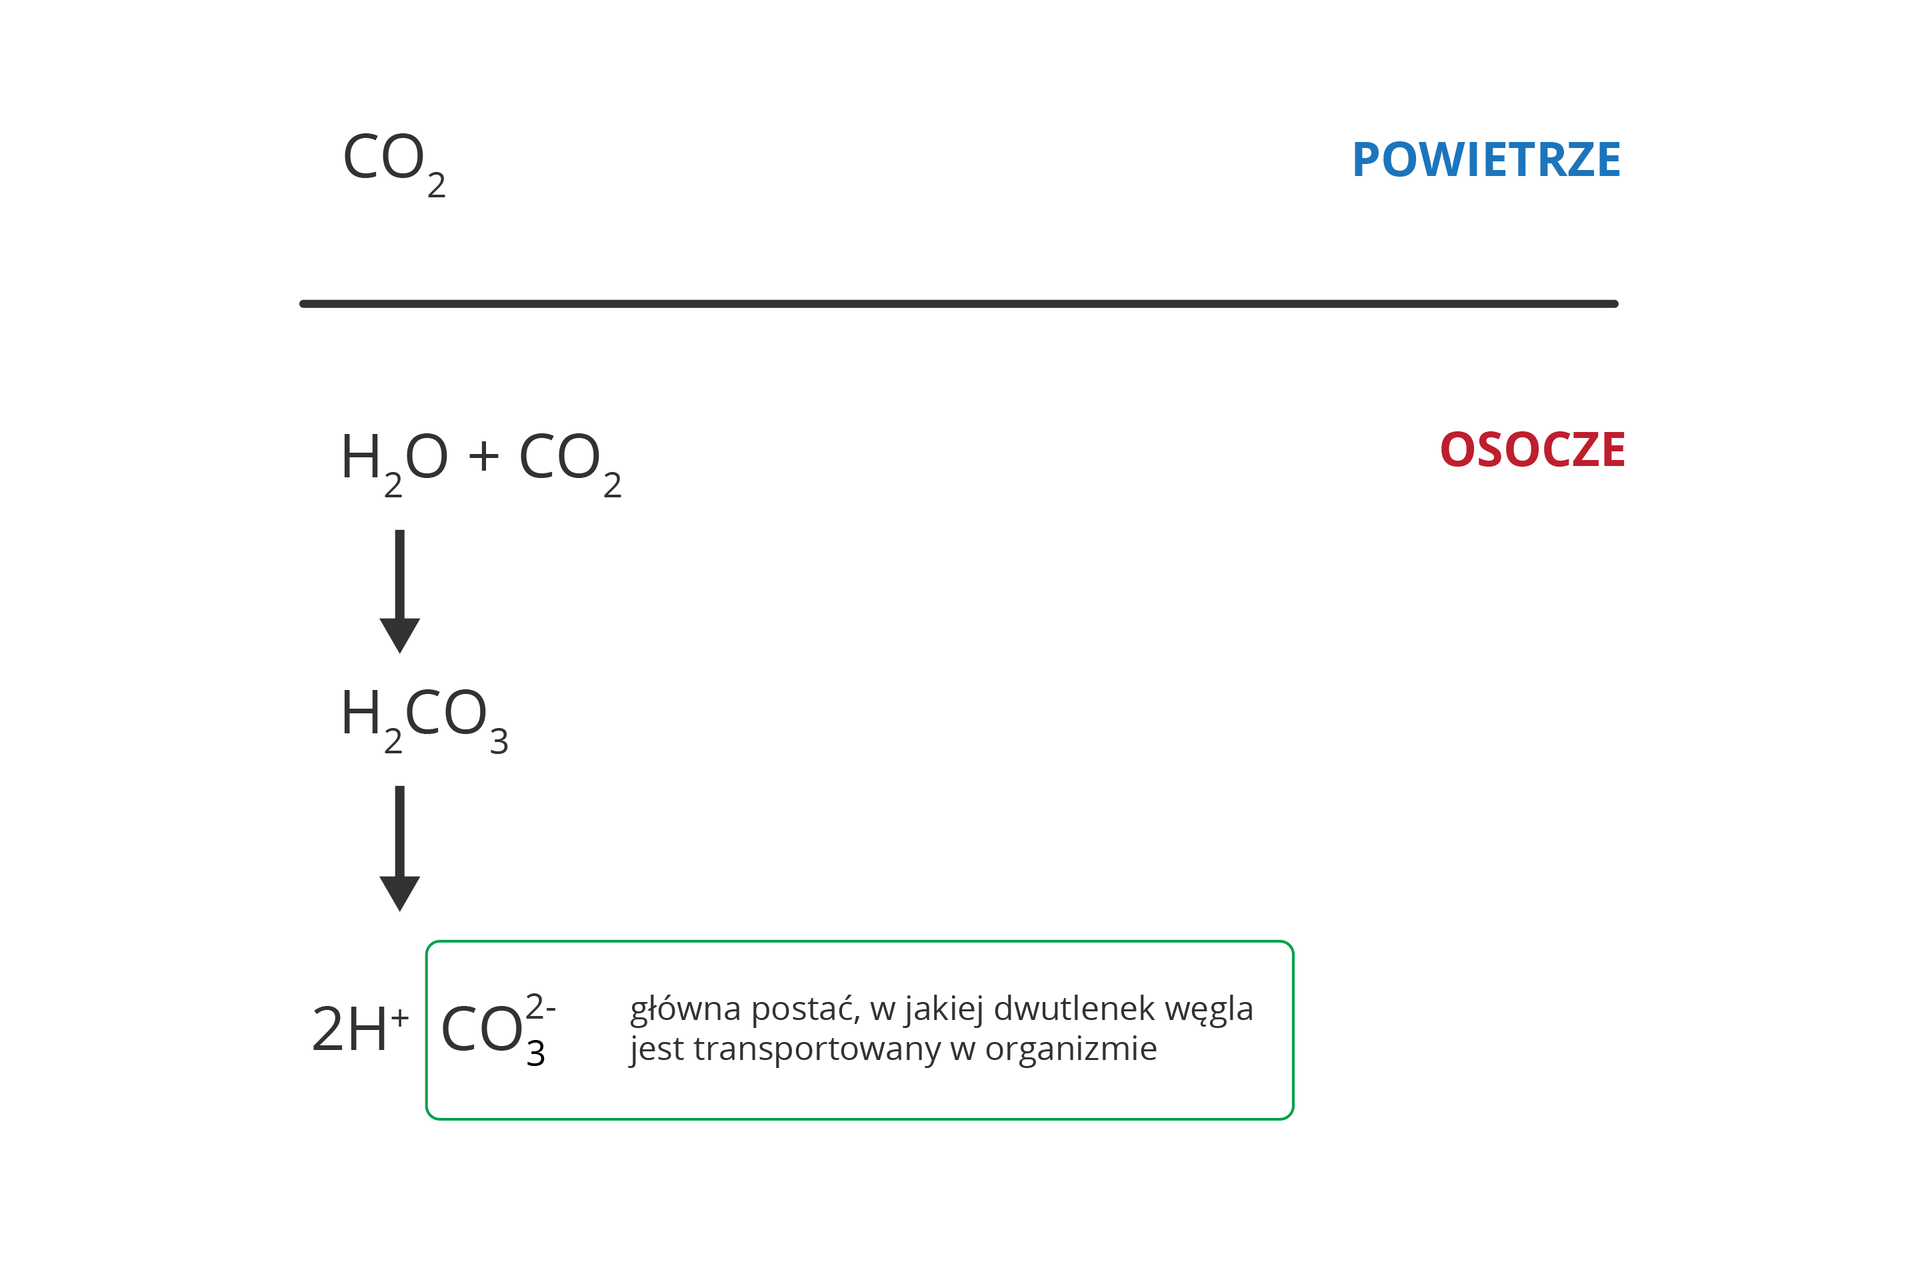 Ilustracja przedstawia reakcję chemiczną wosoczu, umożliwiającą transport dwutlenku węgla. Użyte symbole chemiczne. Ugóry symbol dwutlenku węgla iniebieski napis powietrze. Pod poziomą kreską czerwony napis: osocze ireakcja woda plus dwutlenek węgla. Od niej strzałka wdół do produktu reakcji: kwasu węglowego. Niżej produkty jego dysocjacji: dwa protony wodoru ijon węglanowy. Ramka oznacza, że głównie wpostaci jonu węglanowego dwutlenek węgla jest transportowany worganizmie.